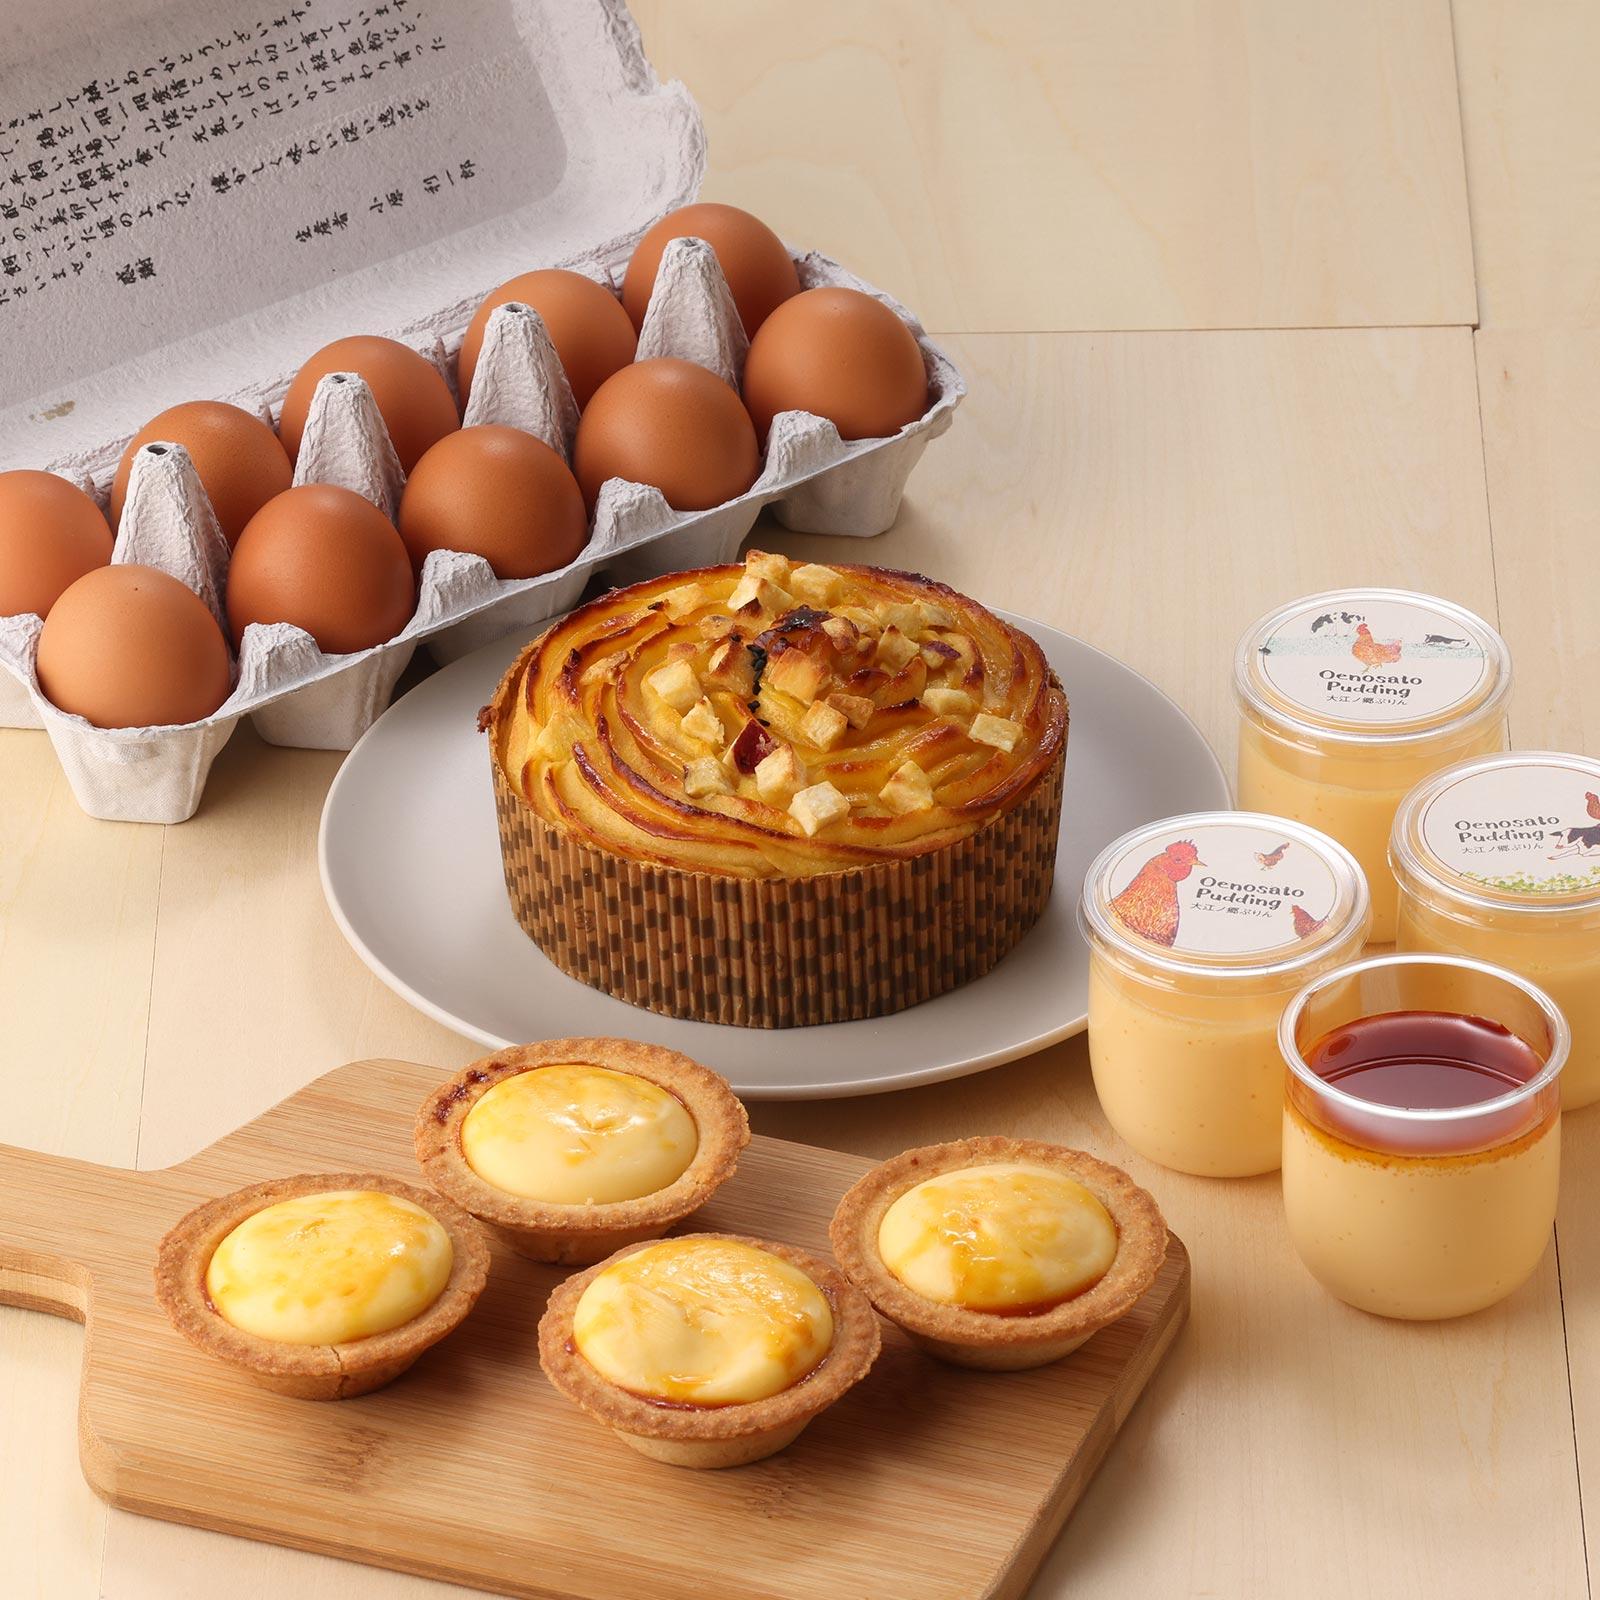 お芋を味わうスイートポテトケーキとチーズタルト、ぷりん、天美卵を詰め合わせた秋限定ギフトセット